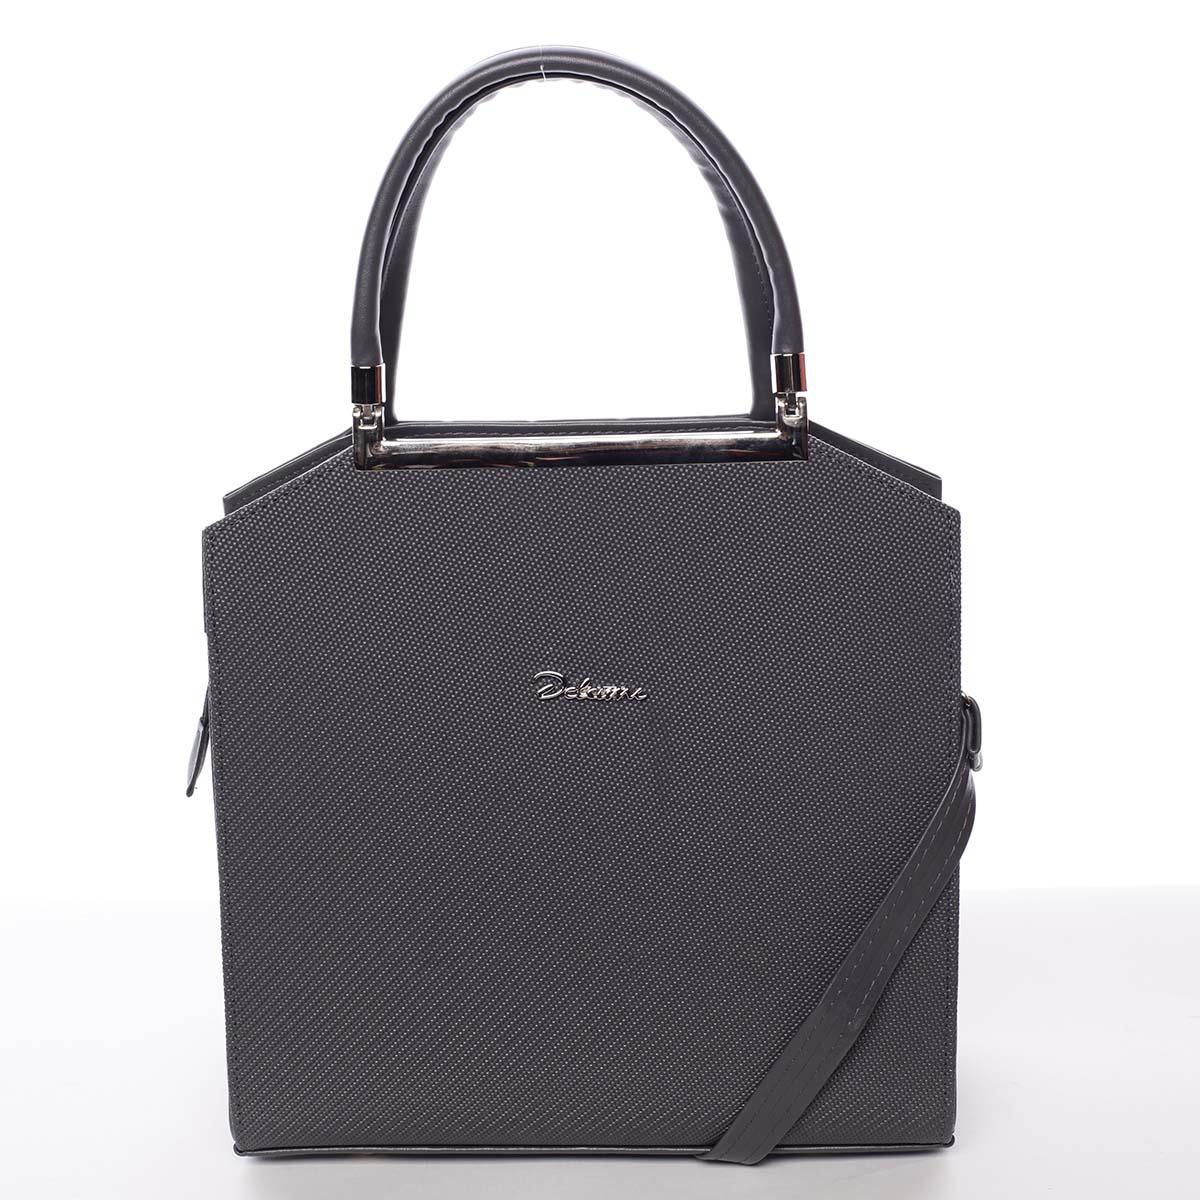 Originální dámská kabelka do ruky šedá - Delami Chereen